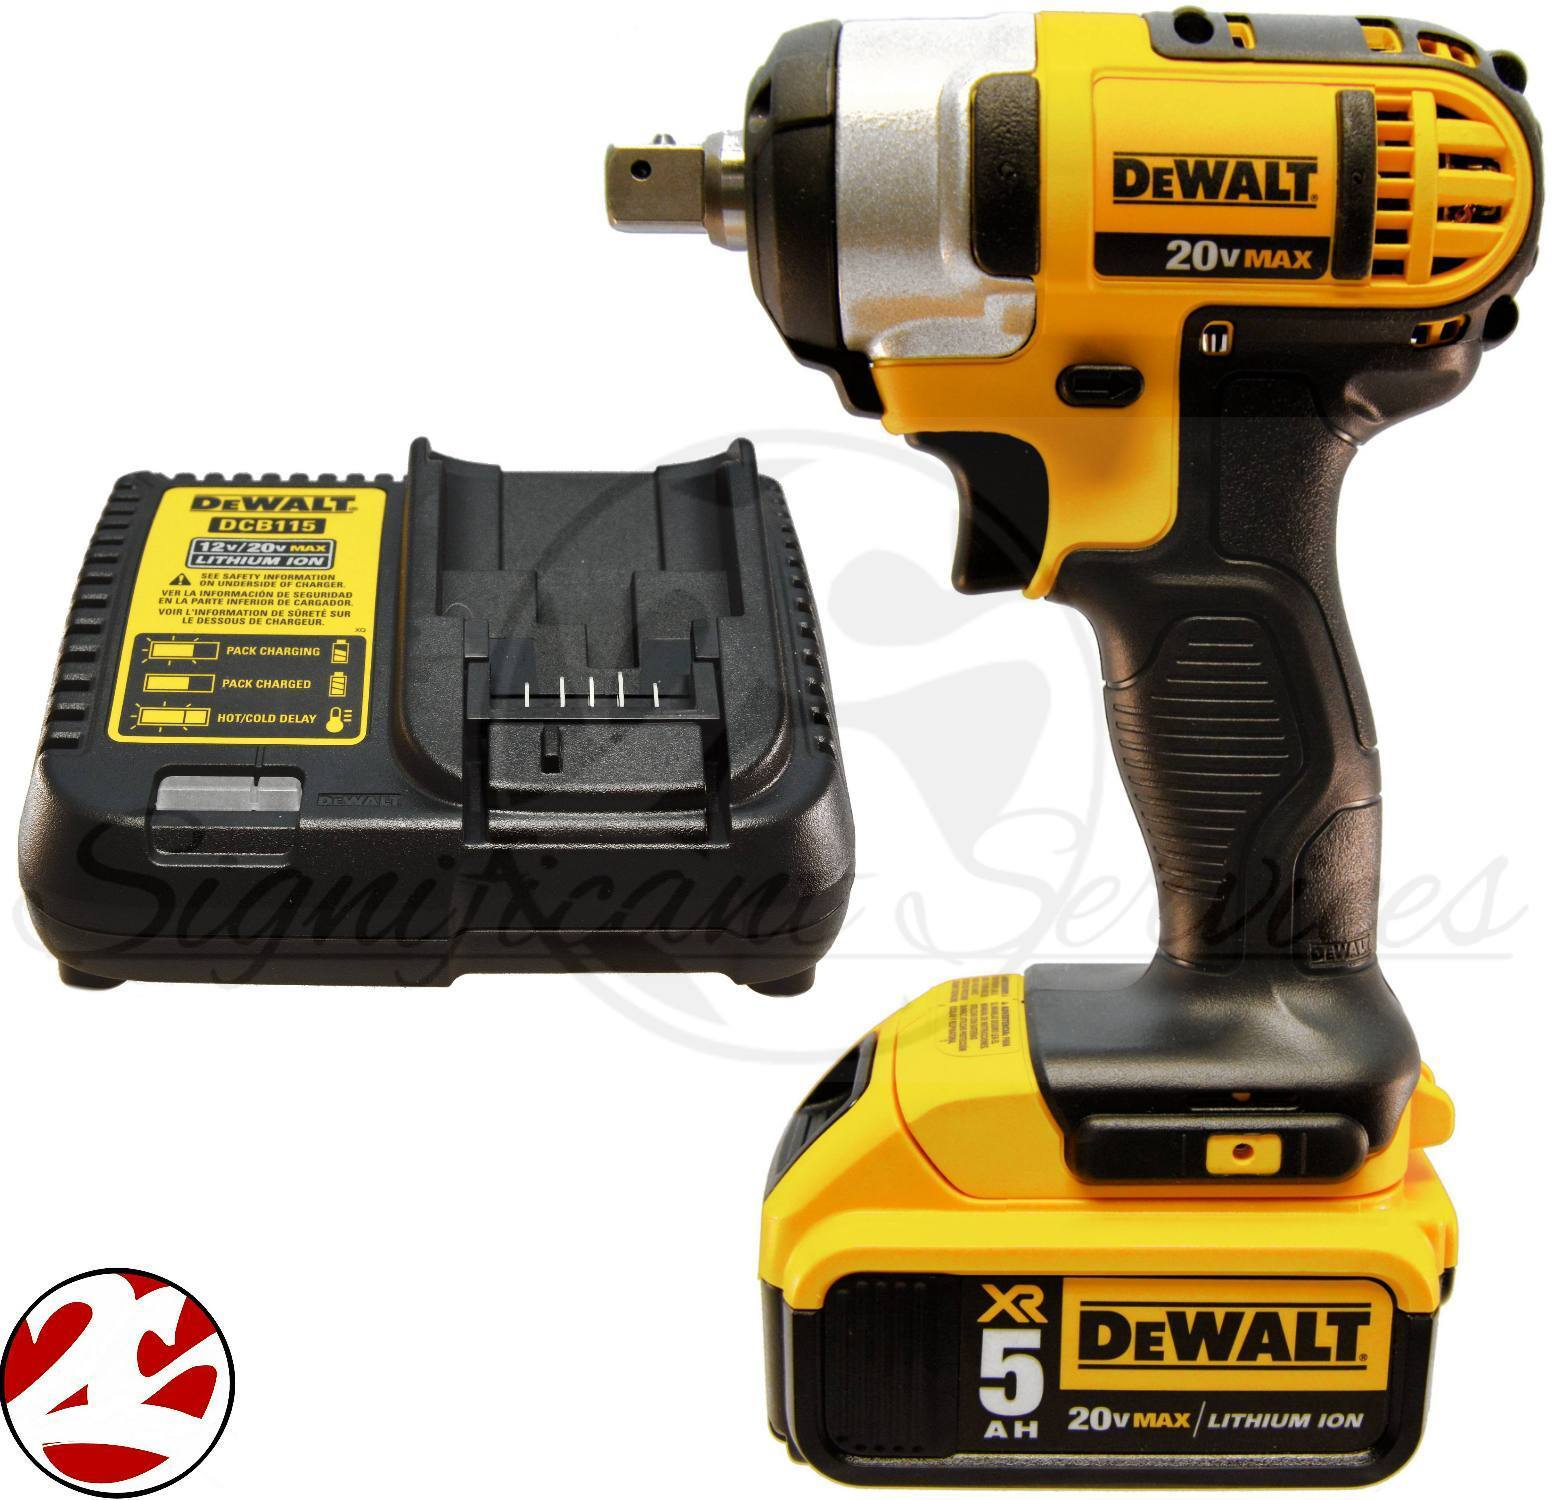 New Dewalt Dcf880 20v 20 Volt Max 5 0 Ah Battery Cordless